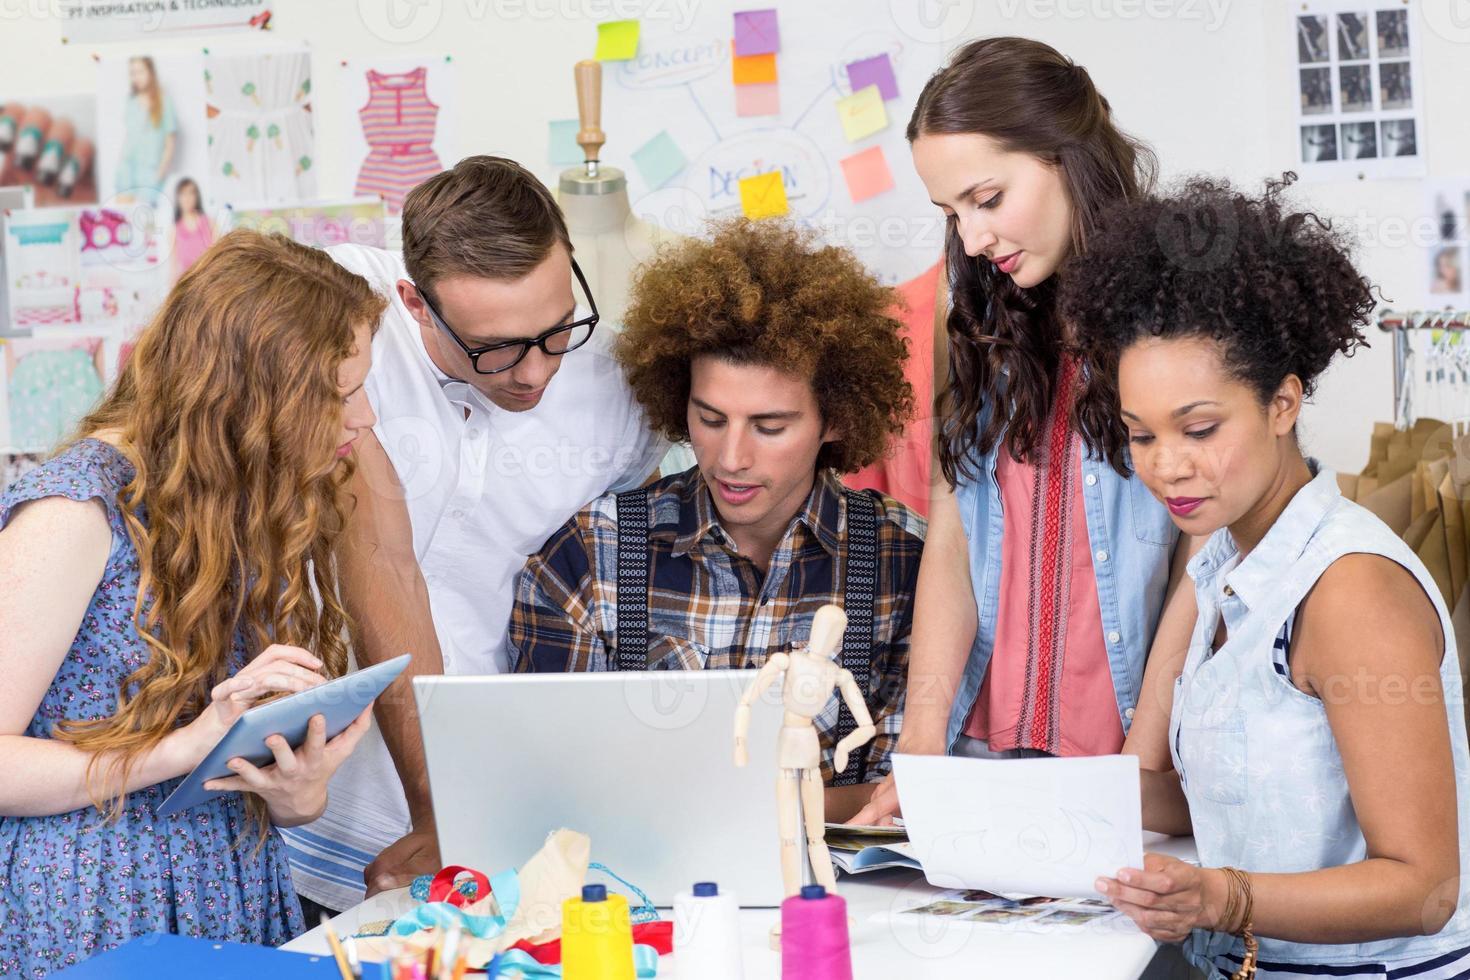 ontwerpers die laptop en digitale tablet gebruiken foto